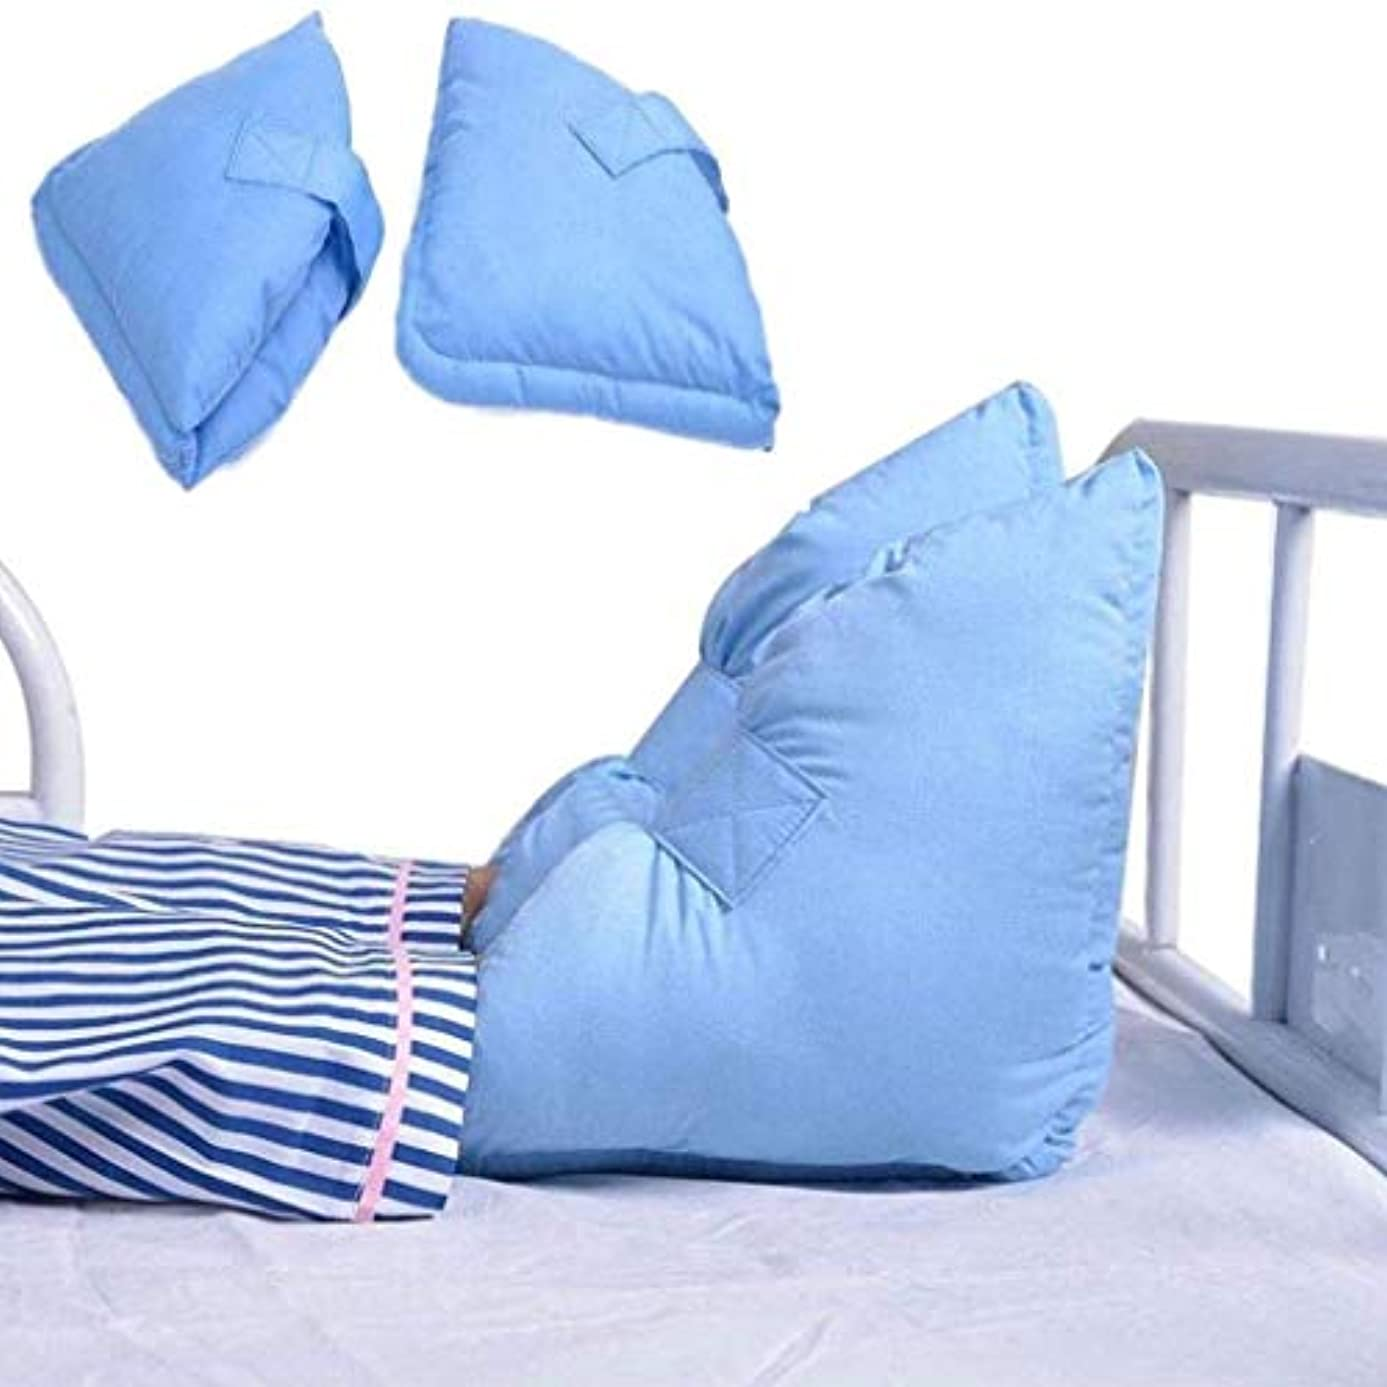 想起没頭するメジャーTONGSH かかと足首足保護具、圧力緩和のためのポリエステル/綿カバー付き保護枕クッション、ワンサイズフィット、ほとんどの場合、ライトブルー、1ペア